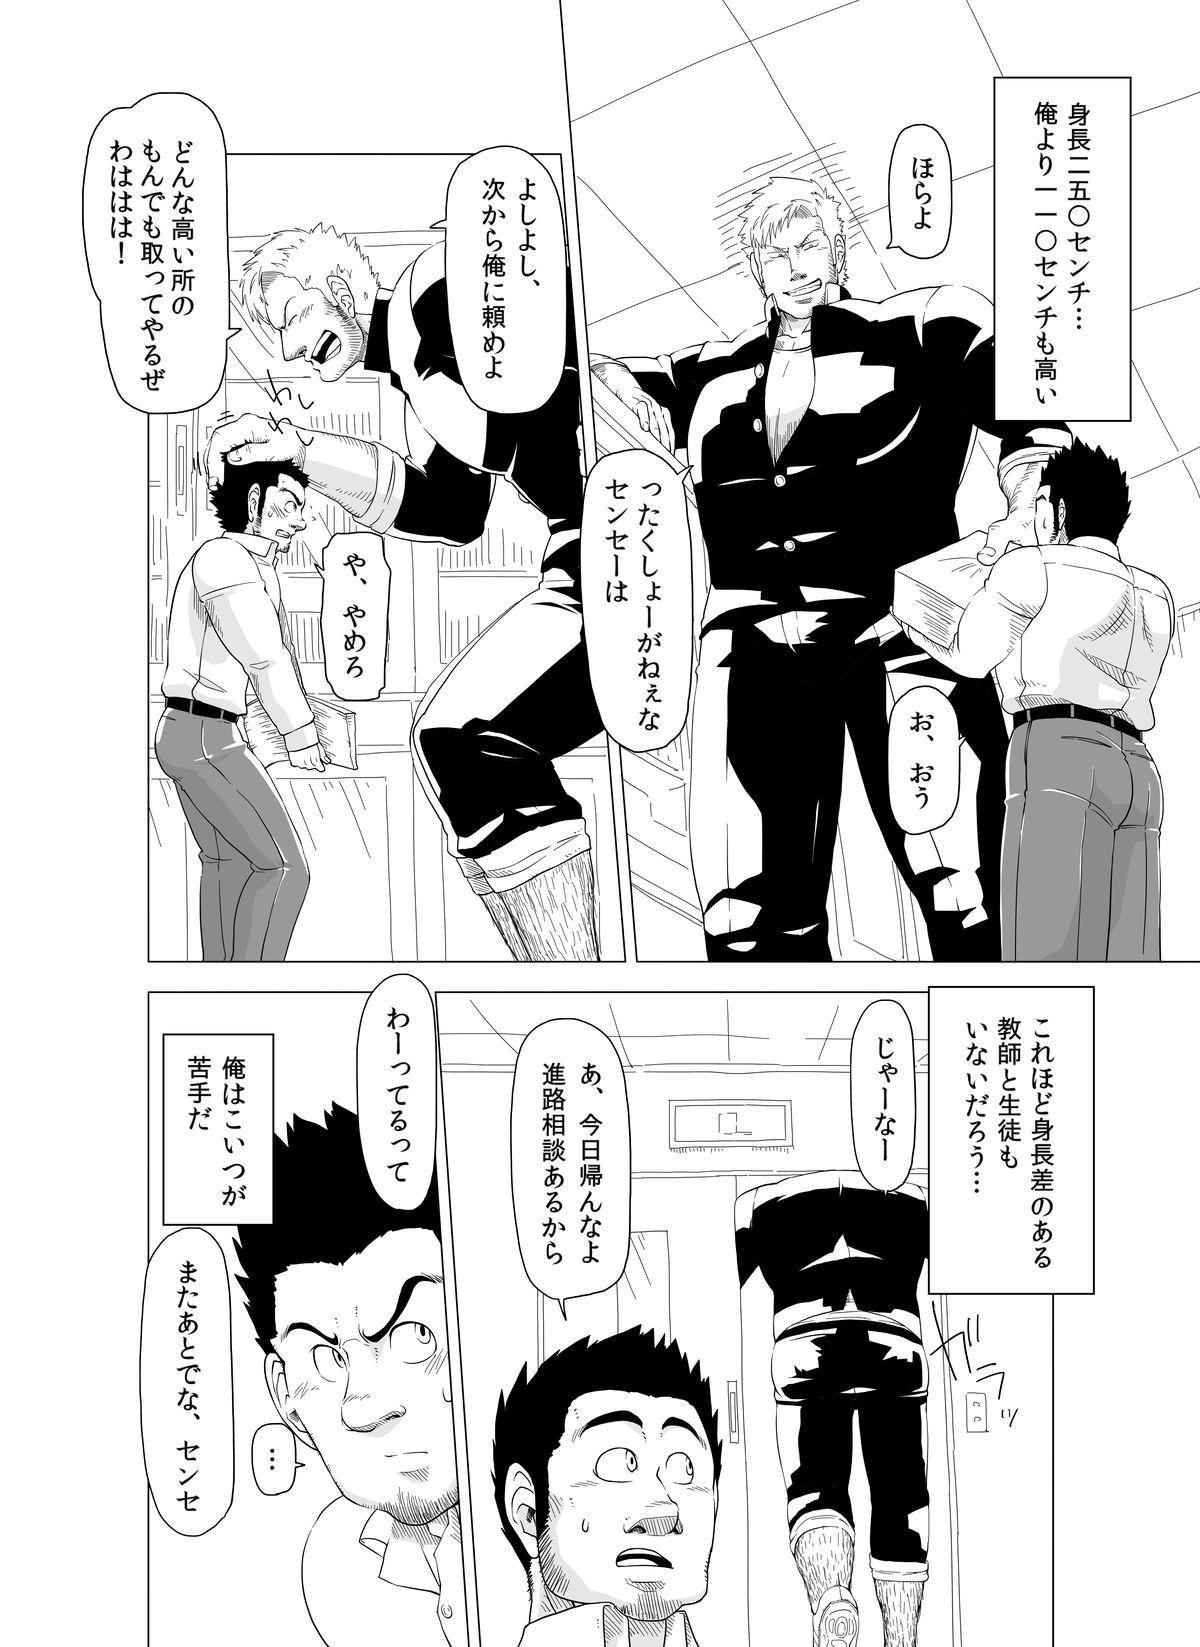 Deka Seito to Chibi Sensei 5